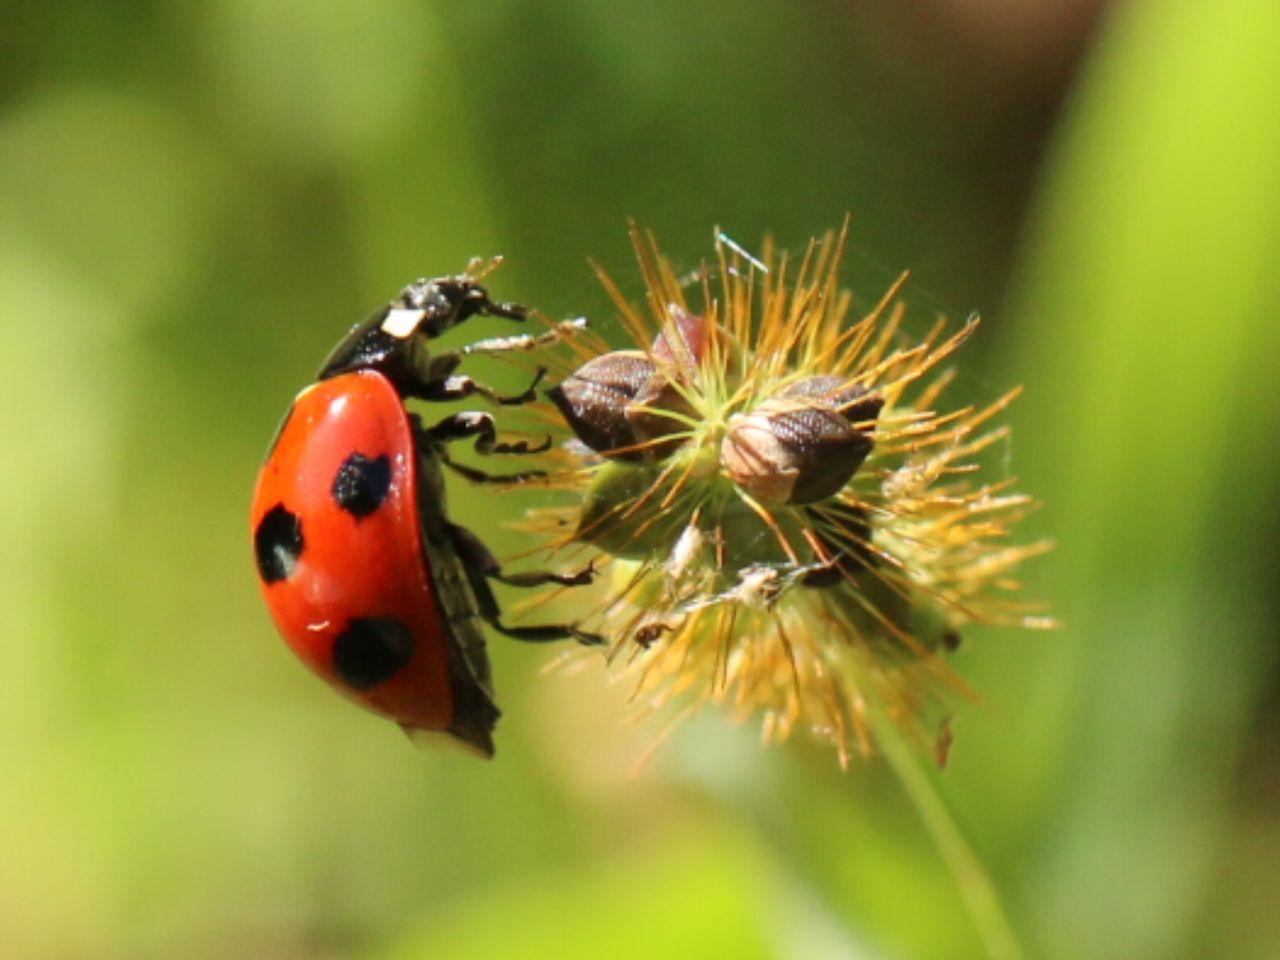 てんとう 虫 寿命 テントウムシの平均寿命とテントウムシの最高寿命